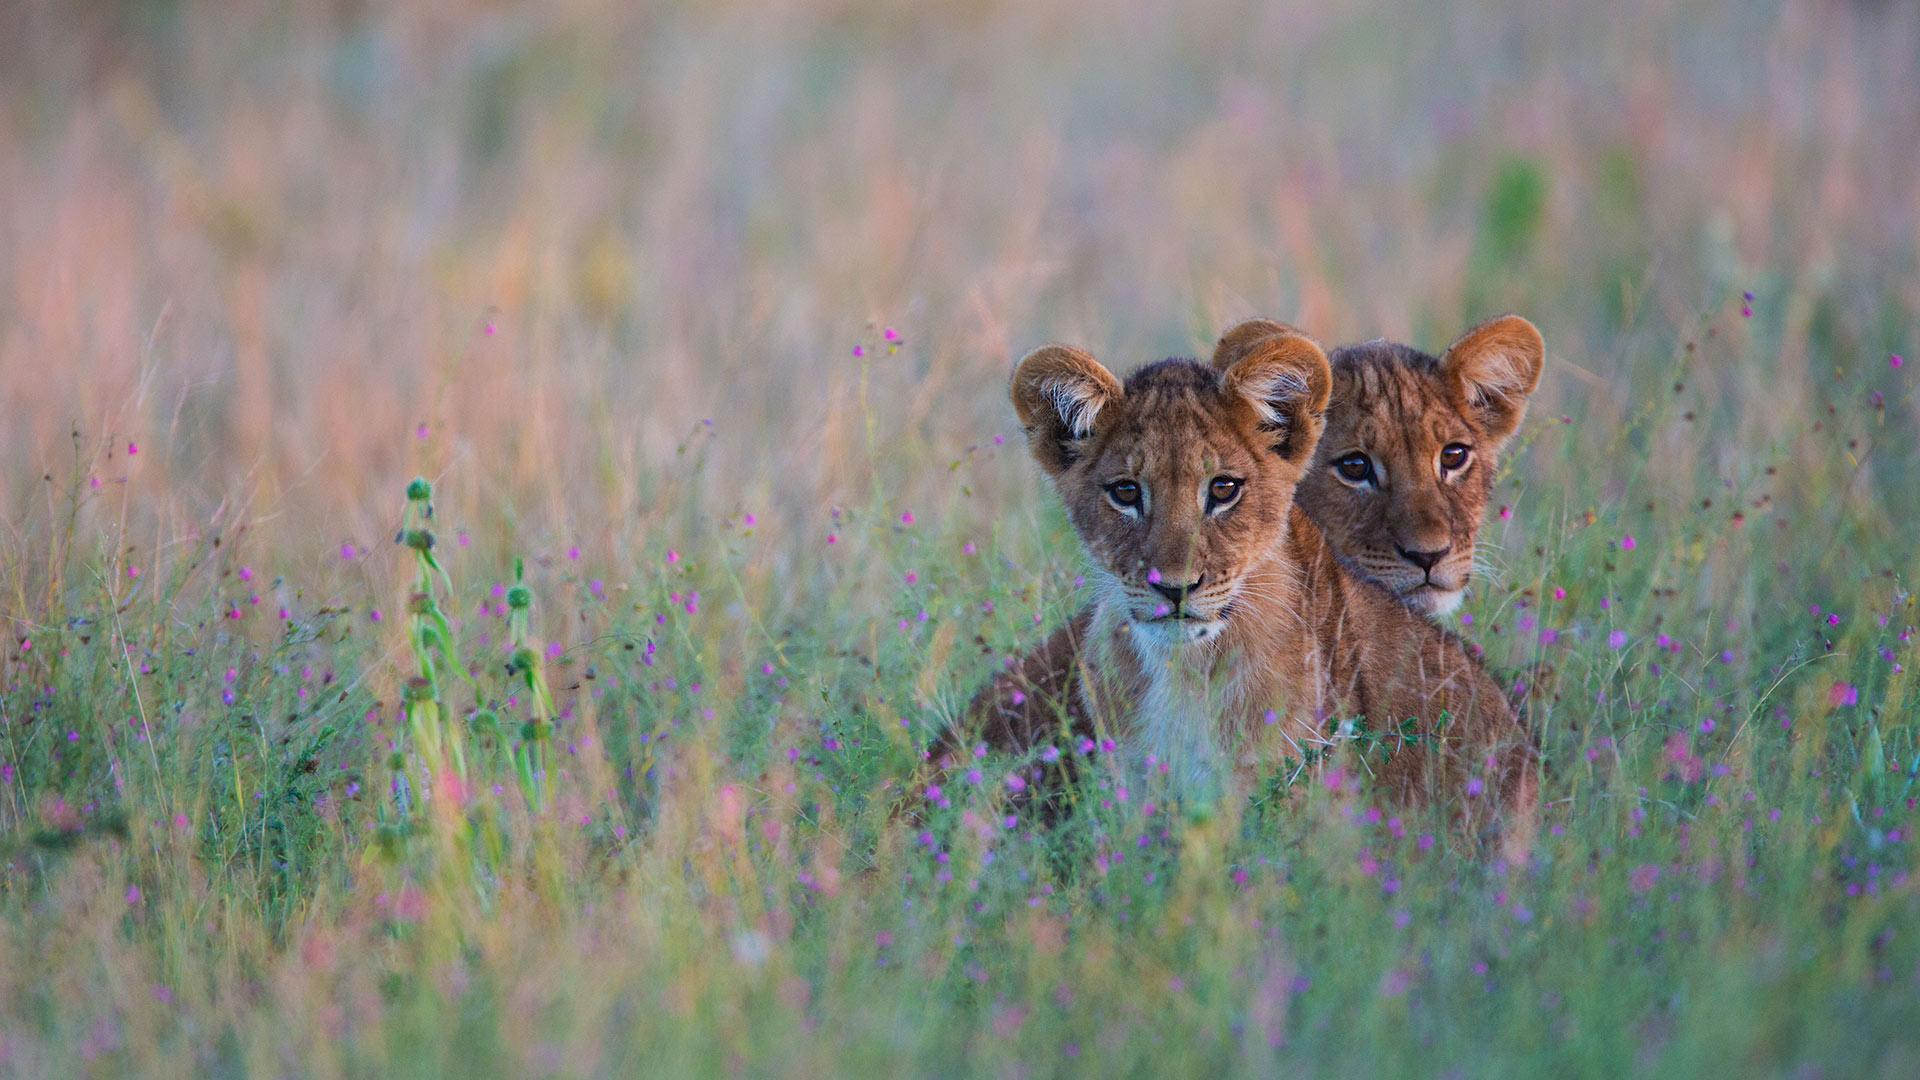 藏在高高的草丛中的狮子幼崽,博茨瓦纳卡拉哈里沙漠 (© Jami Tarris/Getty Images)